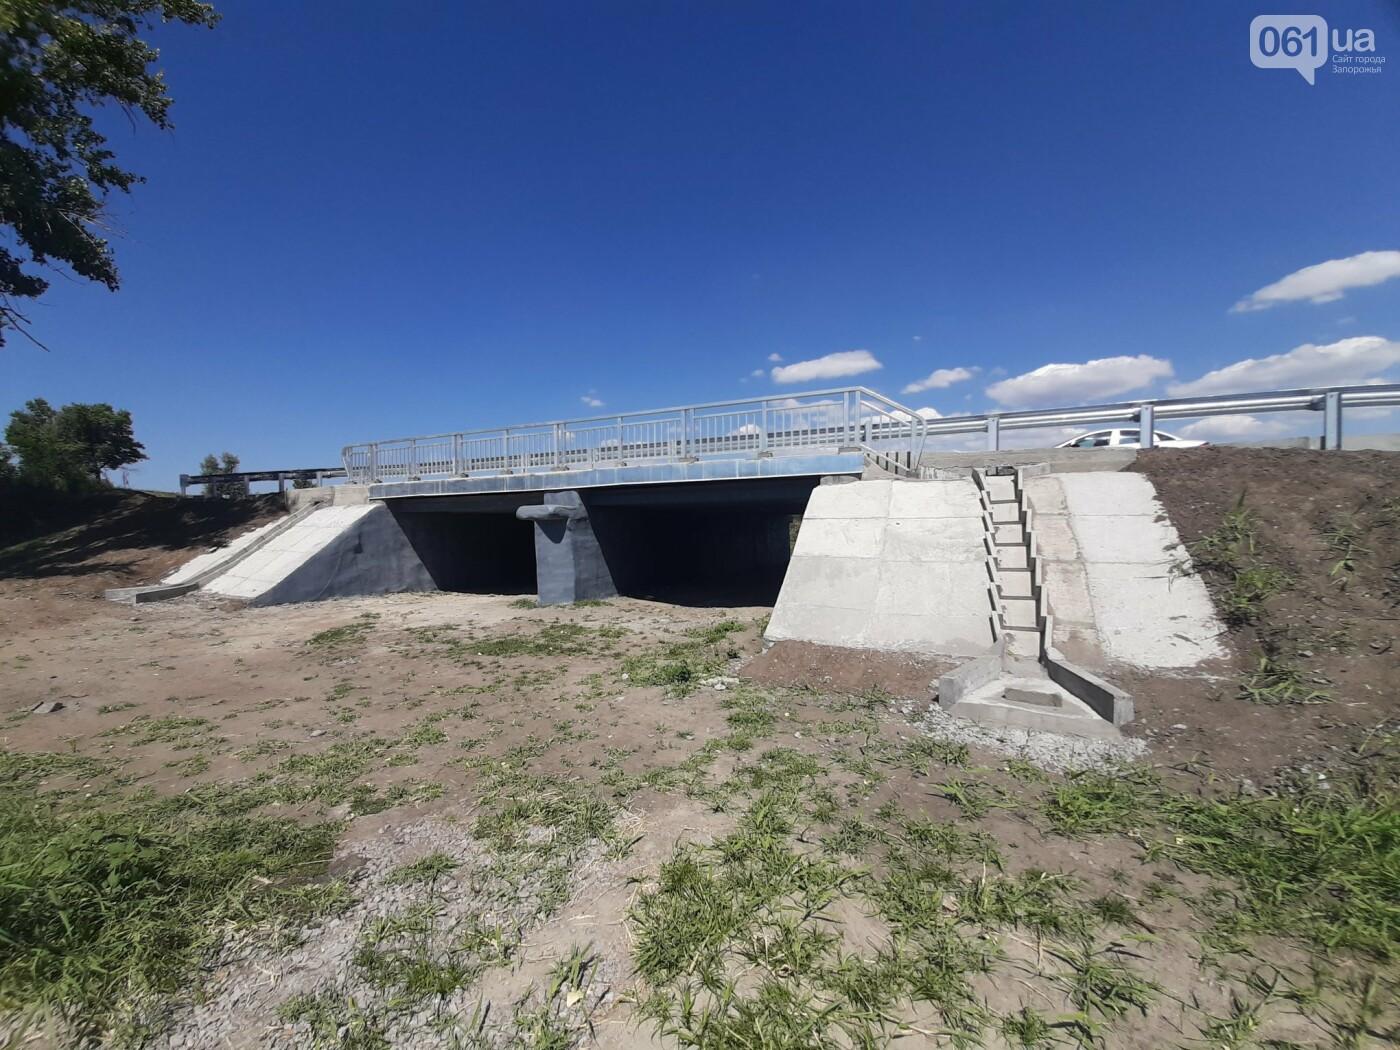 В Запорожской области на трассе Васильевка-Бердянск отремонтировали 12-метровый мост , фото-3